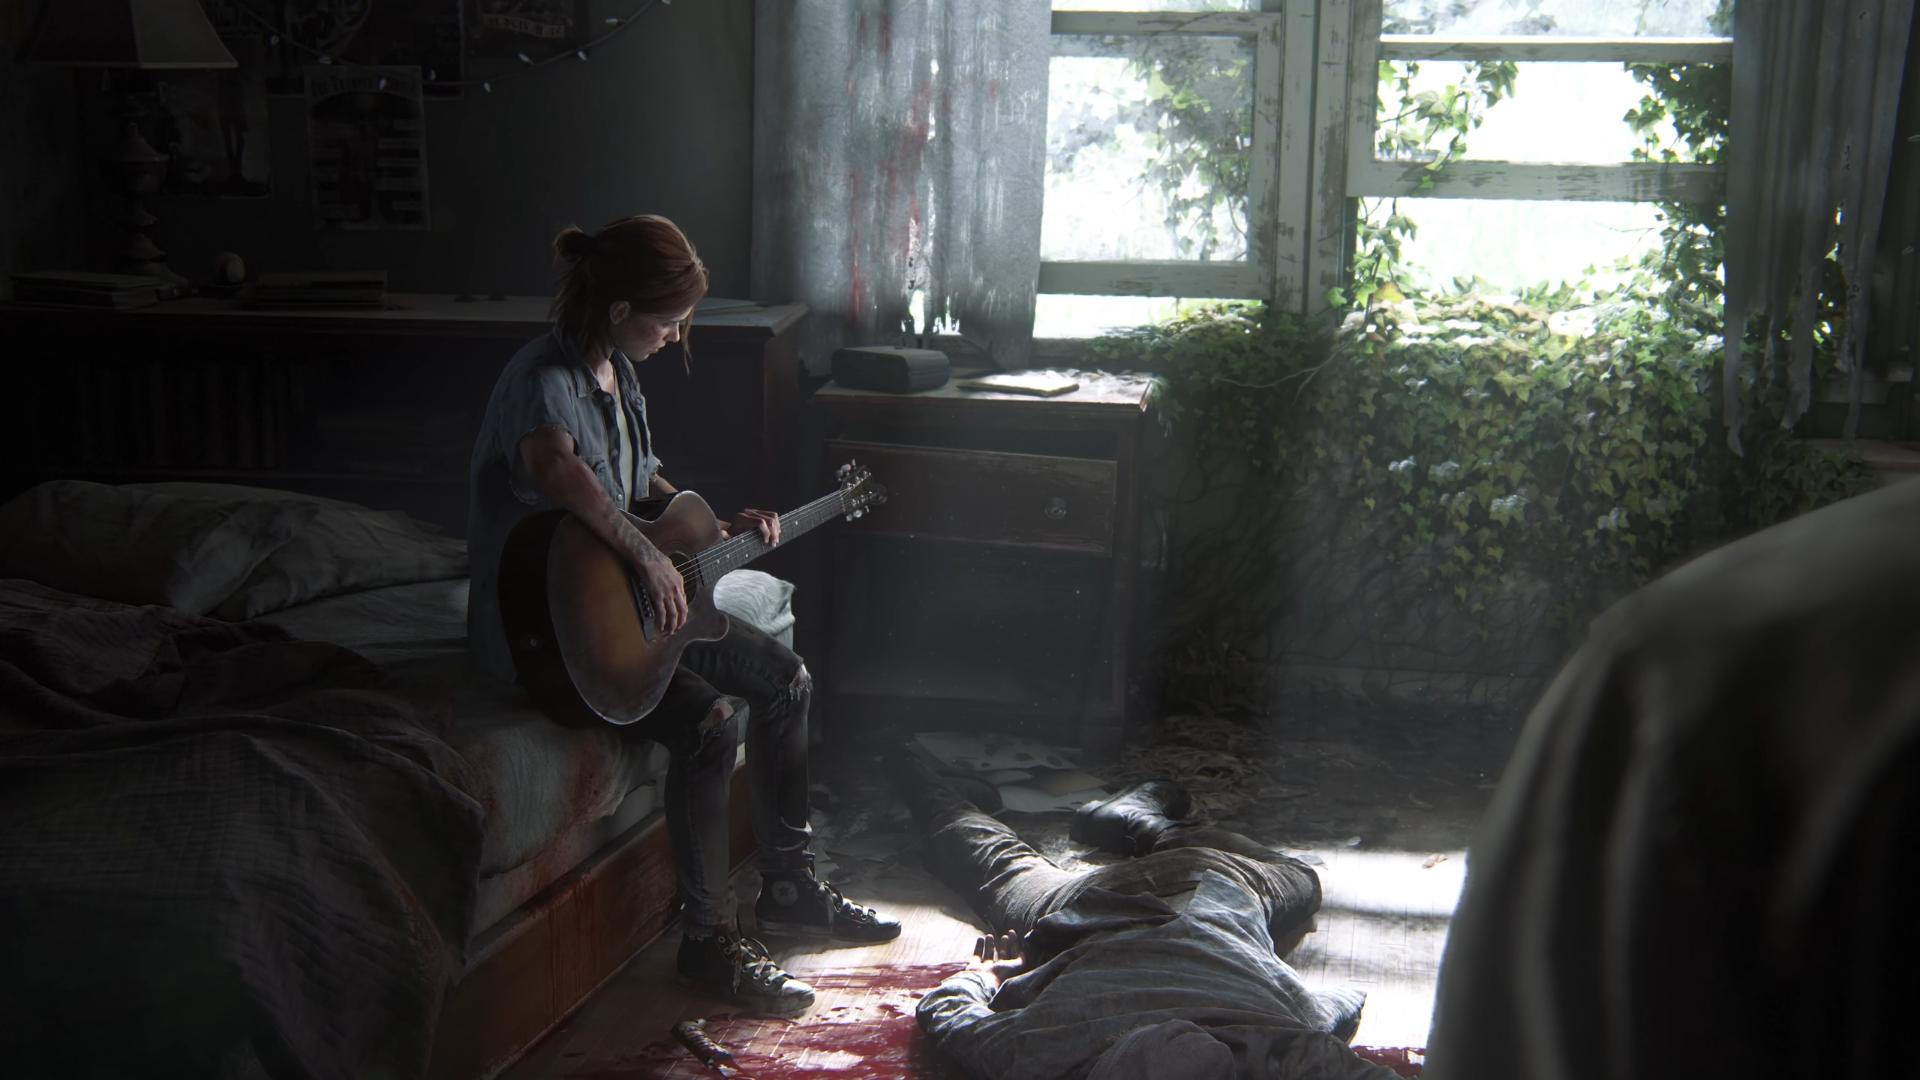 Jestem bardzo rozczarowany - The Last of Us Part II ponownie przesunięte